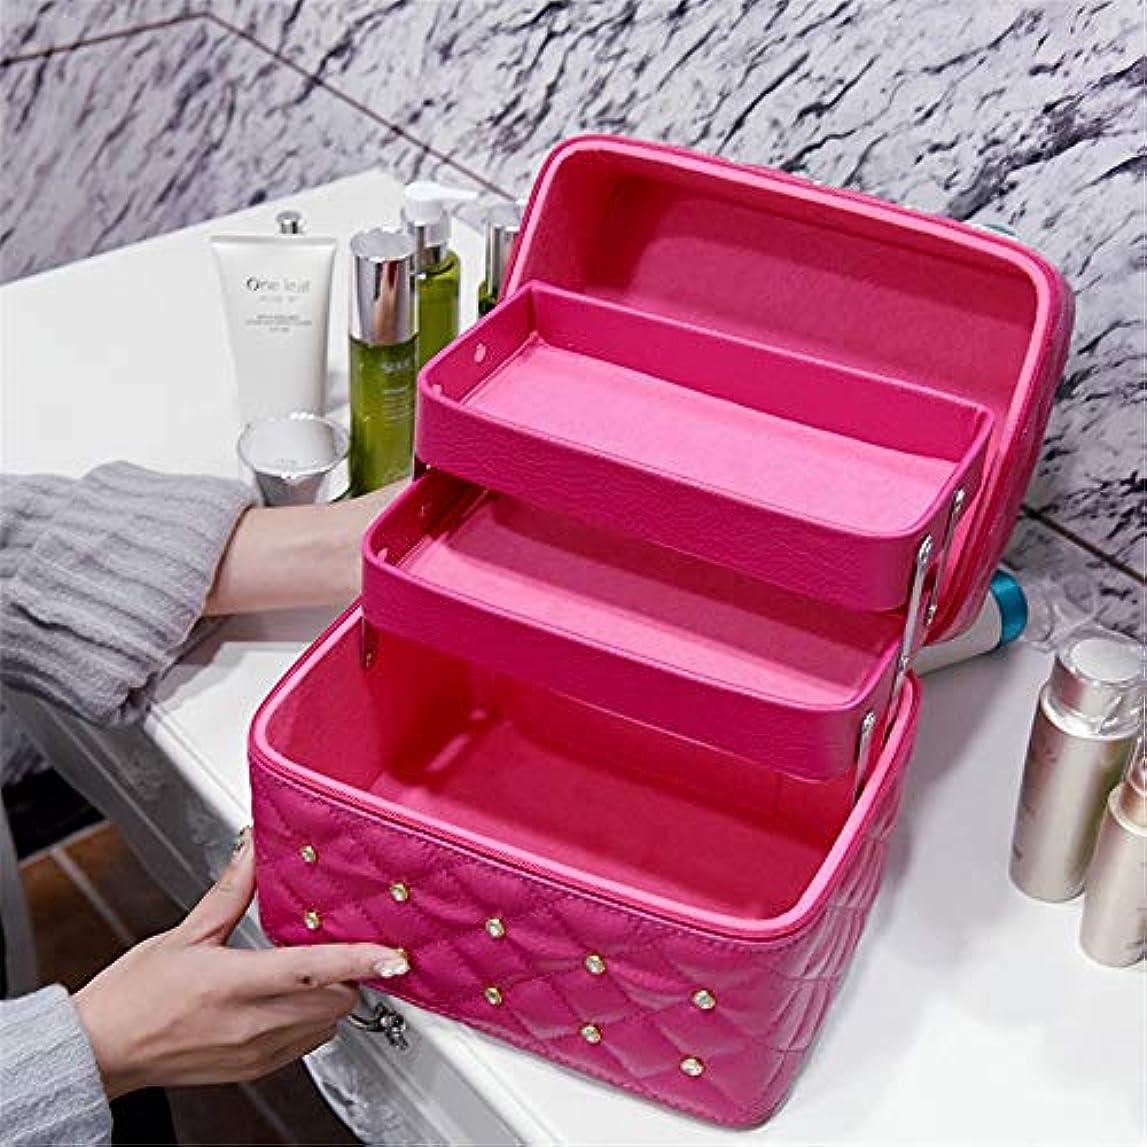 くしゃくしゃ計器変装特大スペース収納ビューティーボックス 美の構造のためそしてジッパーおよび折る皿が付いている女の子の女性旅行そして毎日の貯蔵のための高容量の携帯用化粧品袋 化粧品化粧台